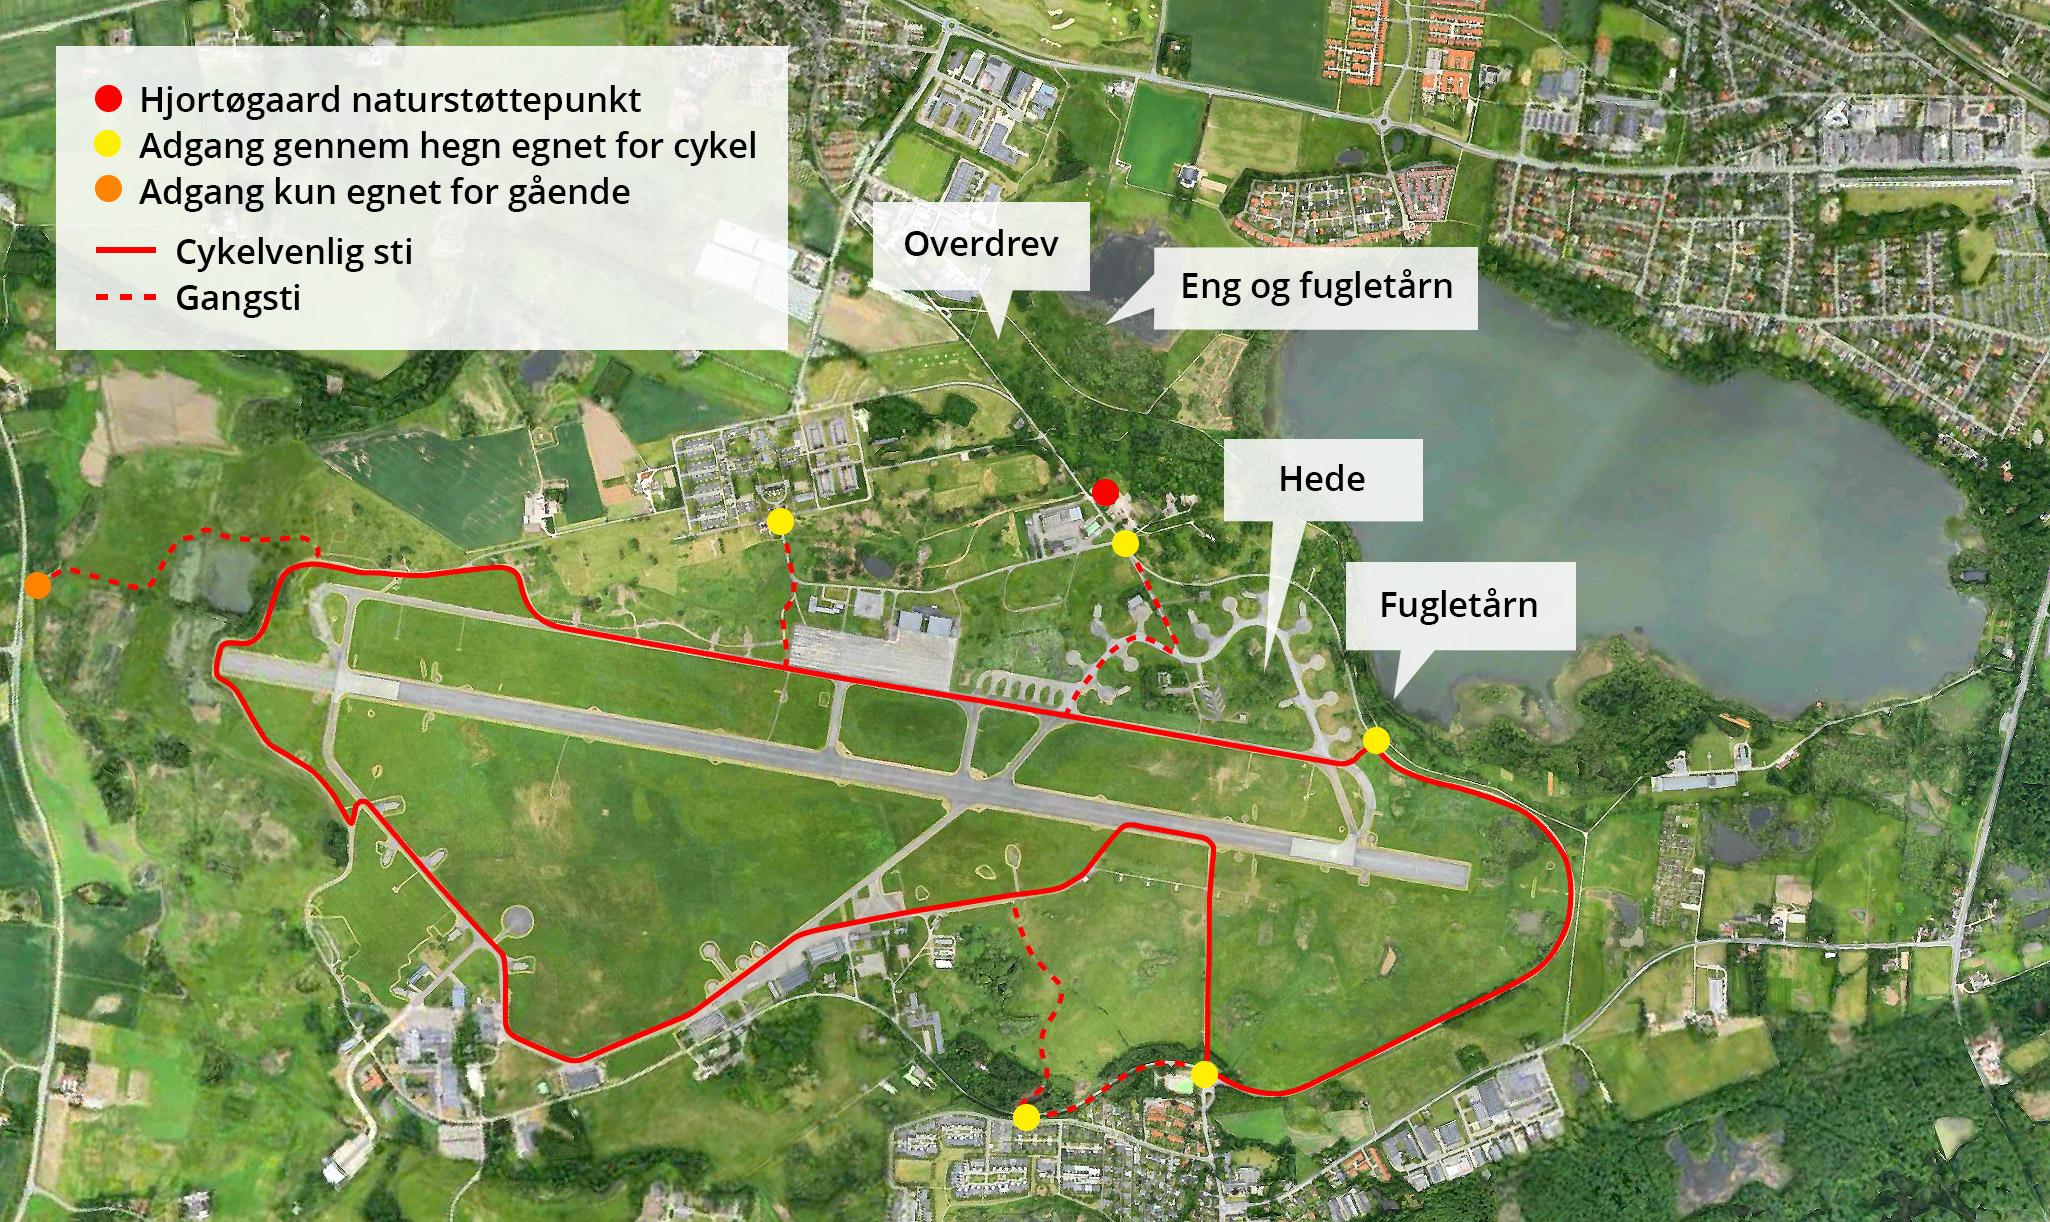 De 6 indgange for cyklister OG gående ind på Flyvestationens område og 2 indgange kun for gående.